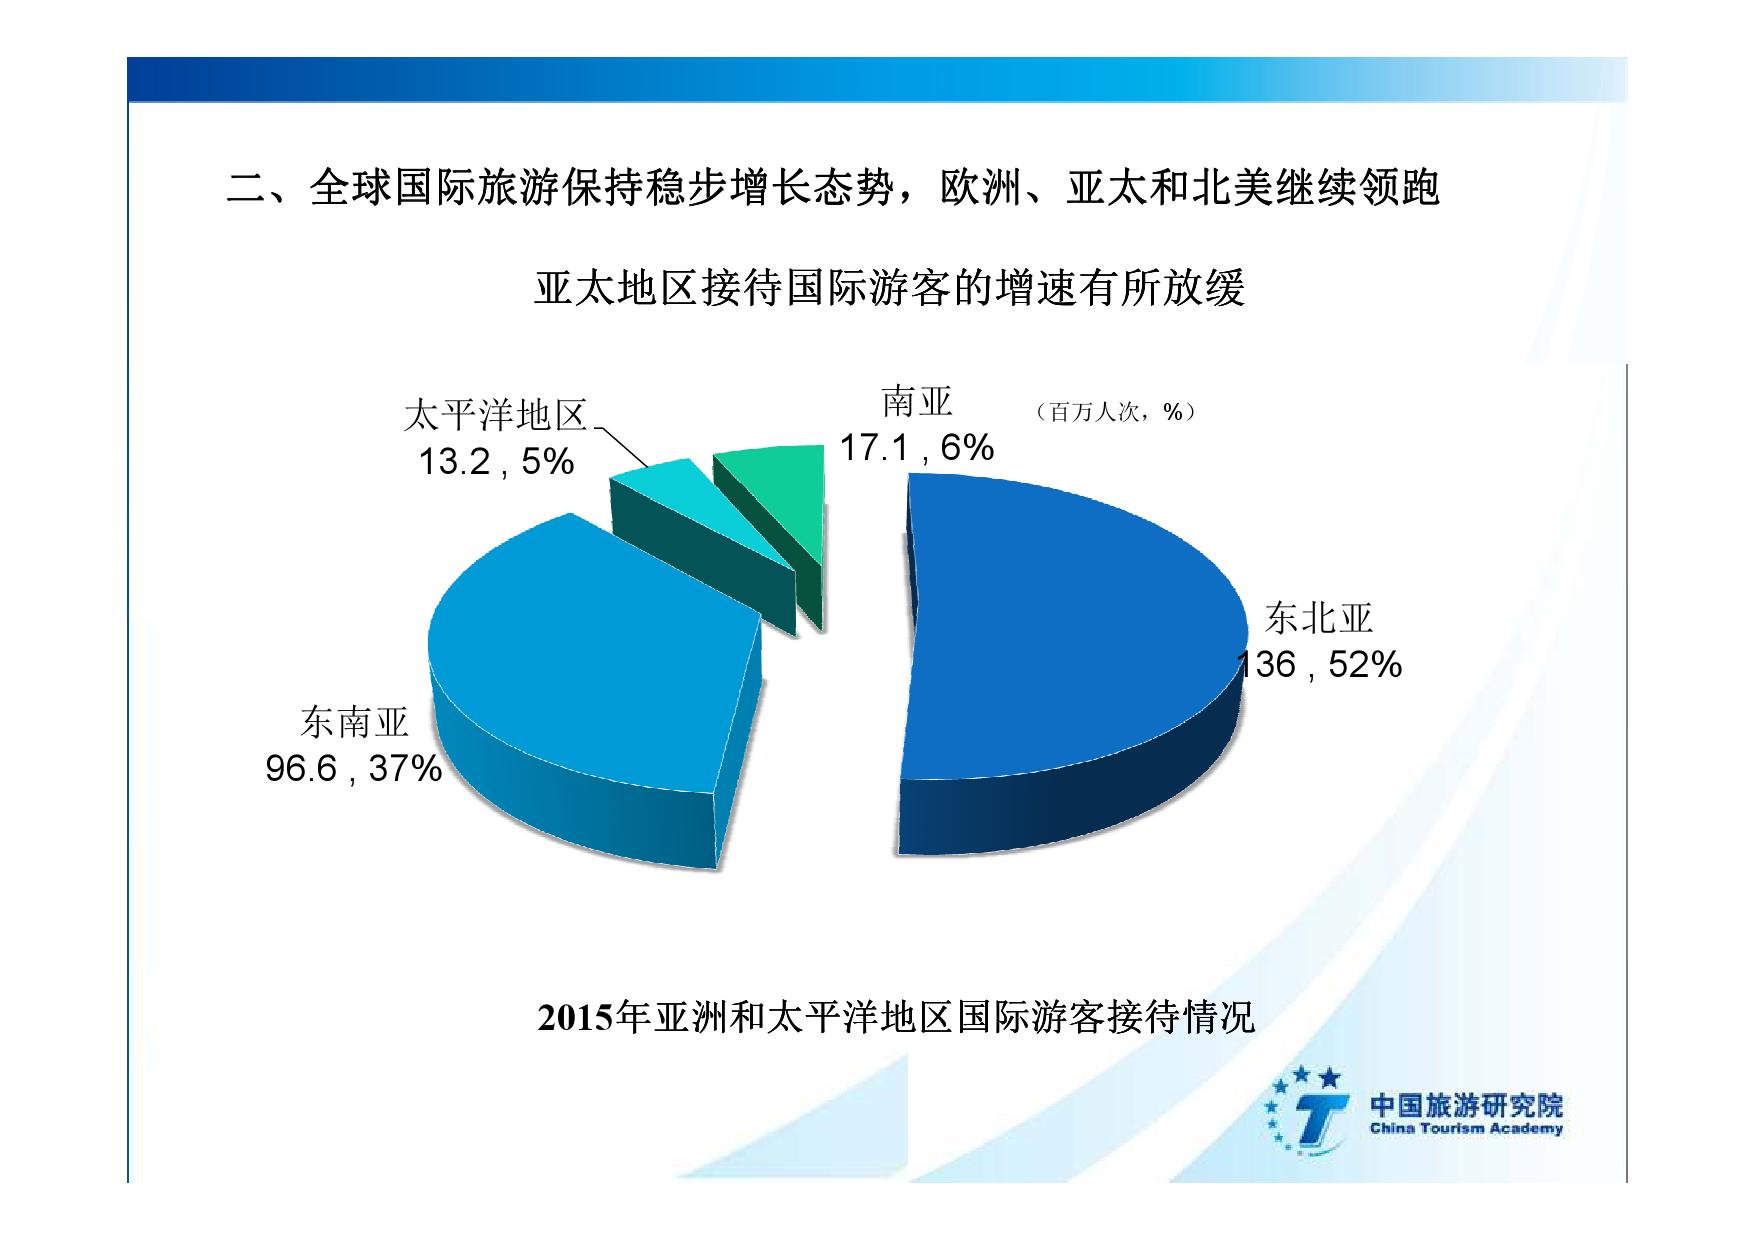 2016中国入境旅游发展年度报告_000014